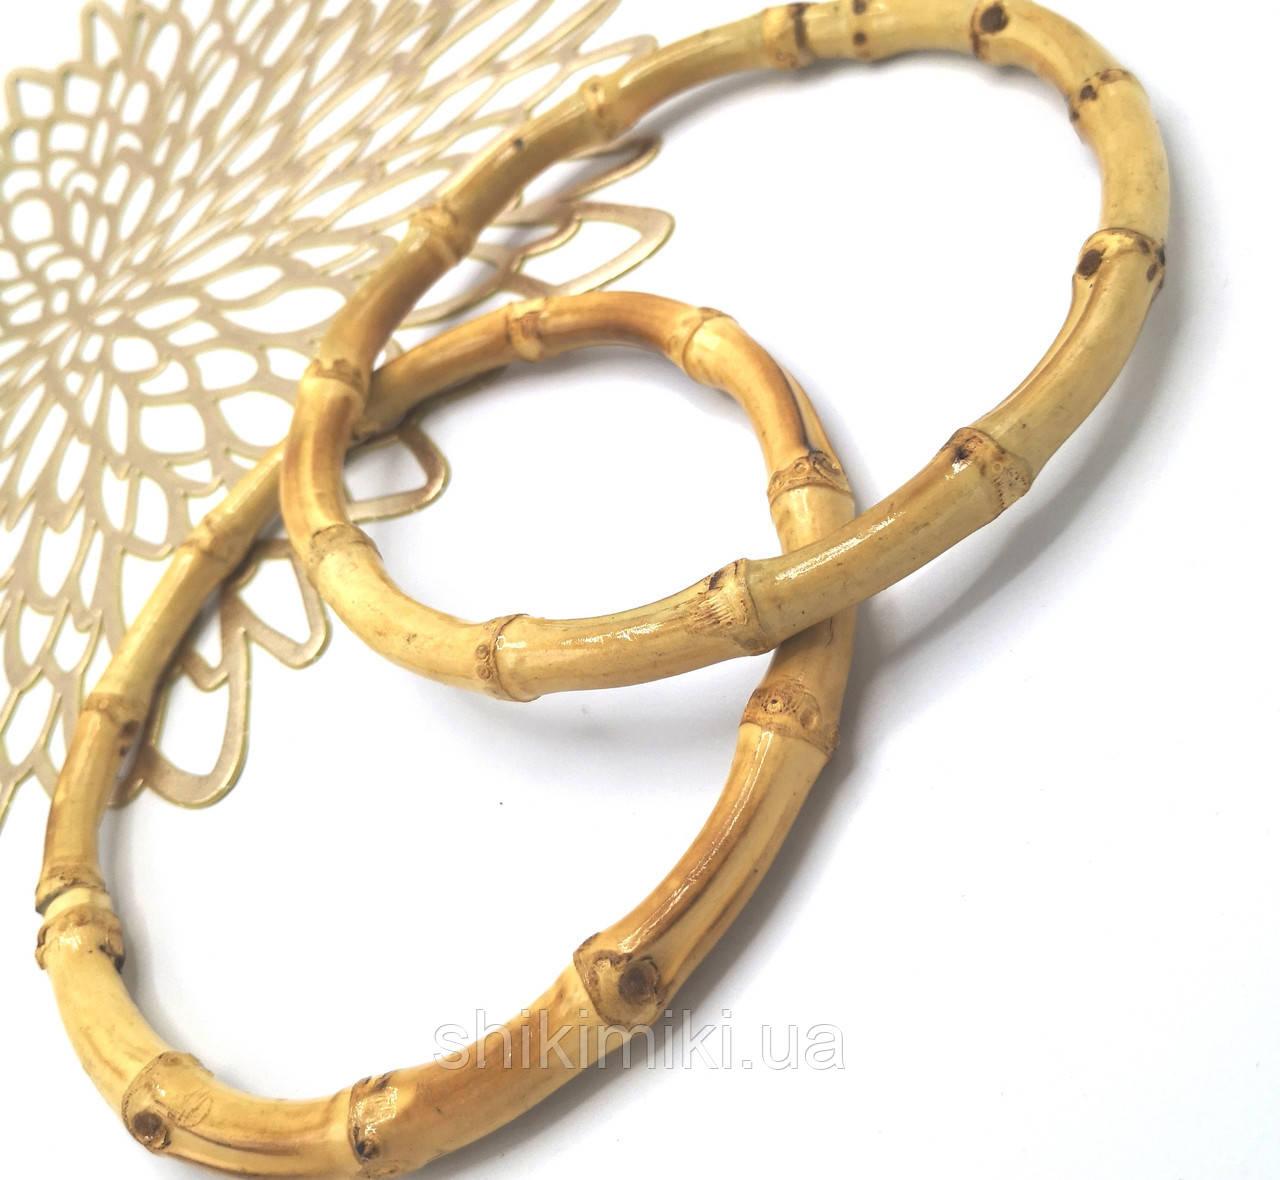 Ручки для сумок  круглые деревянные бамбуковые